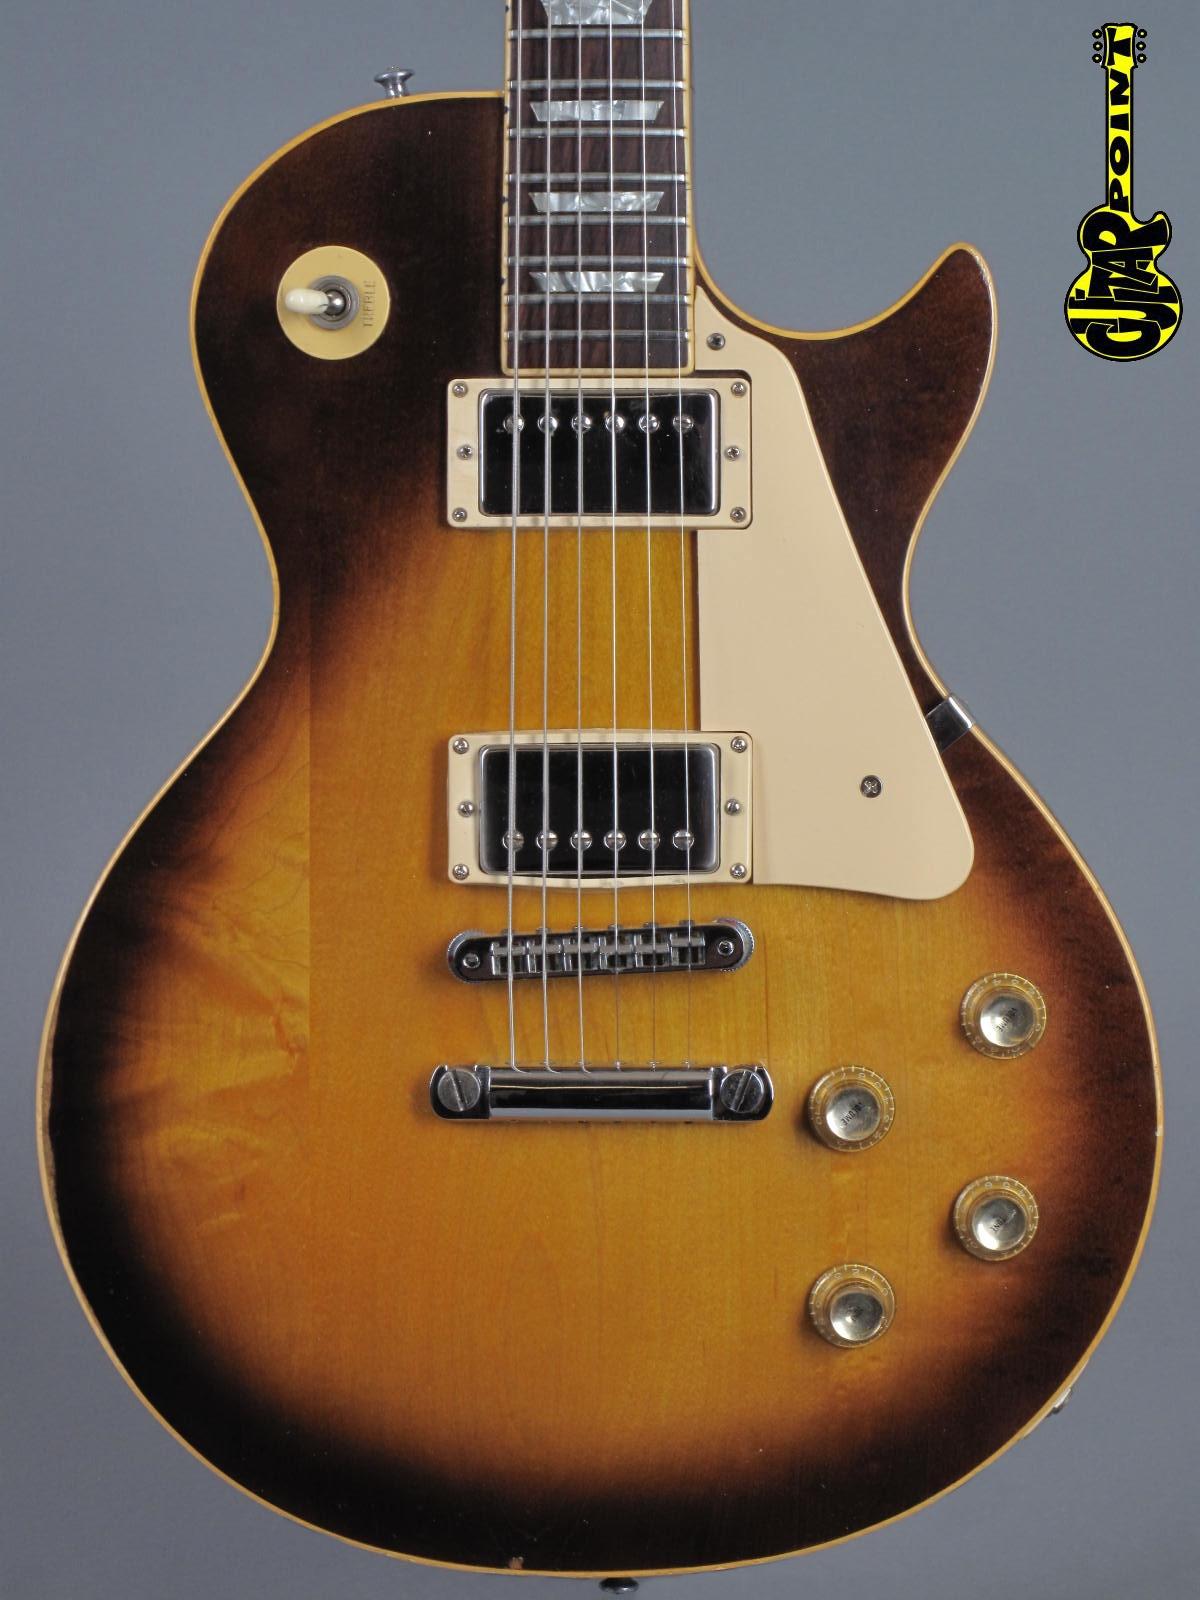 1976 Gibson Les Paul Standard - Honey Sunburst